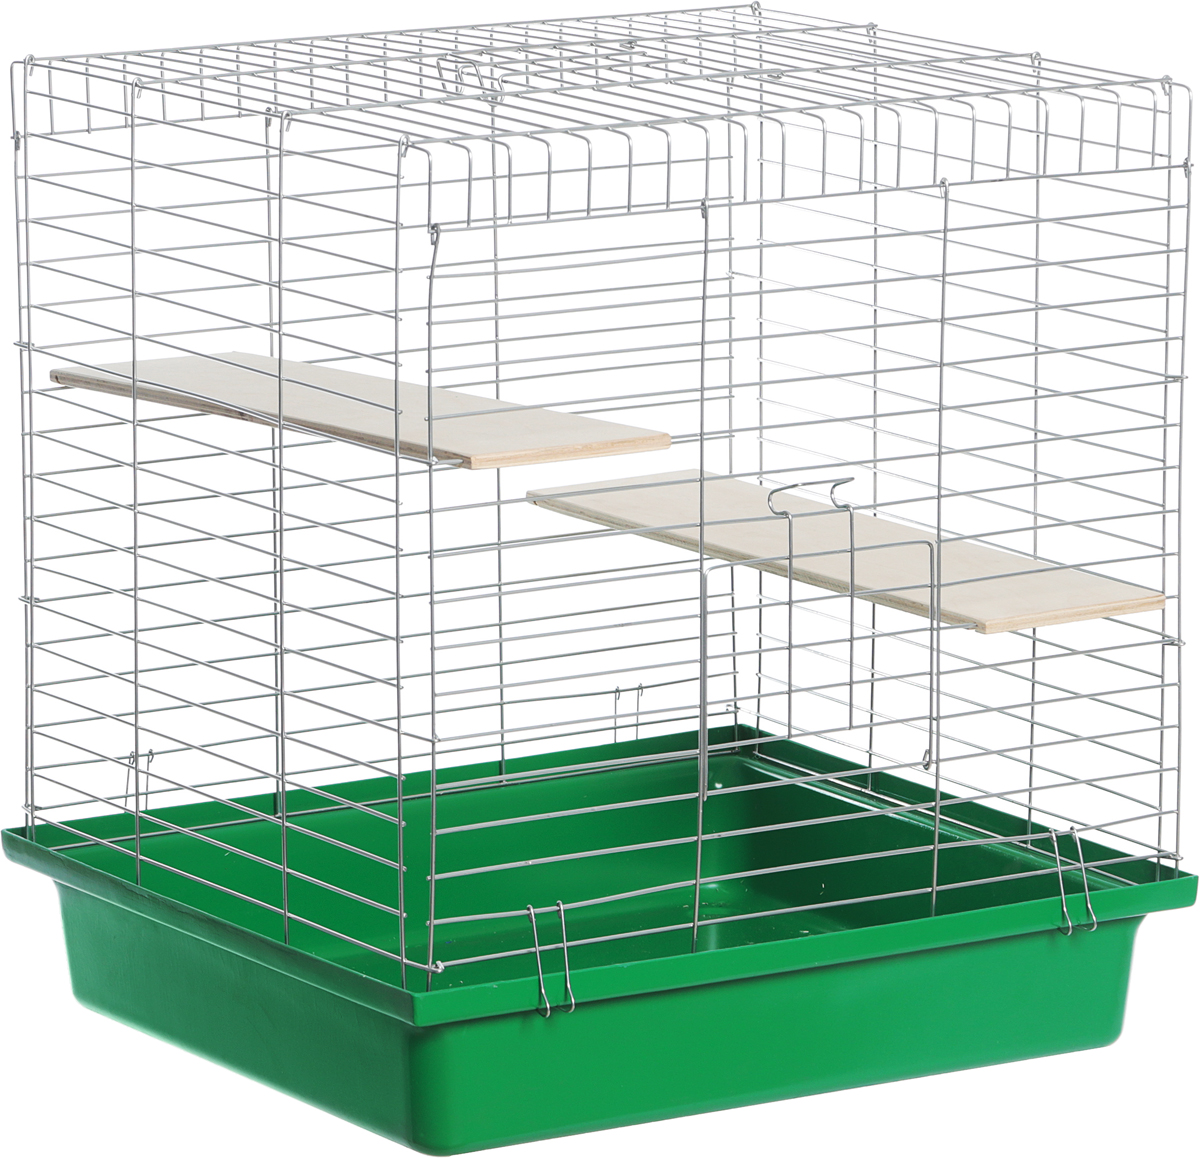 Клетка для шиншилл Велес  Lusy Jerry , разборная, цвет: салатовый, зеленый, 56 х 50 х 60 см - Клетки, вольеры, будки